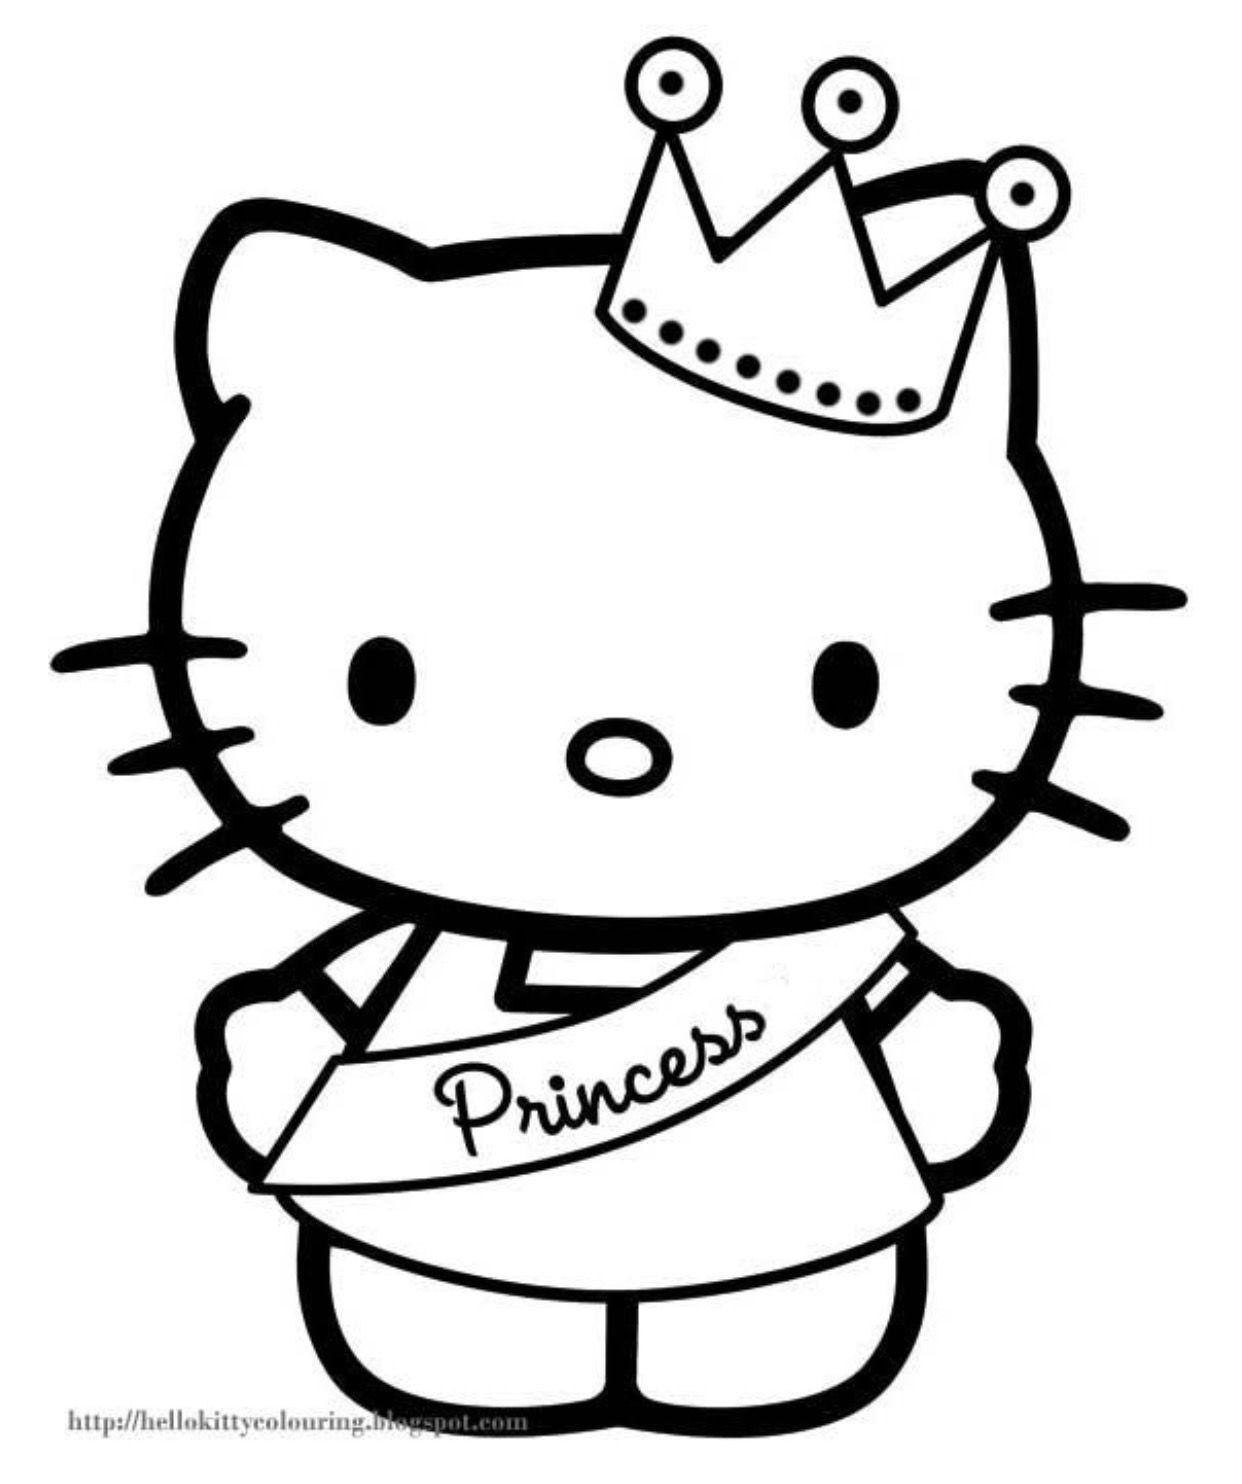 Génial Hello Kitty Jeux Coloriage   Imprimer et Obtenir une Coloriage Gratuit Ici